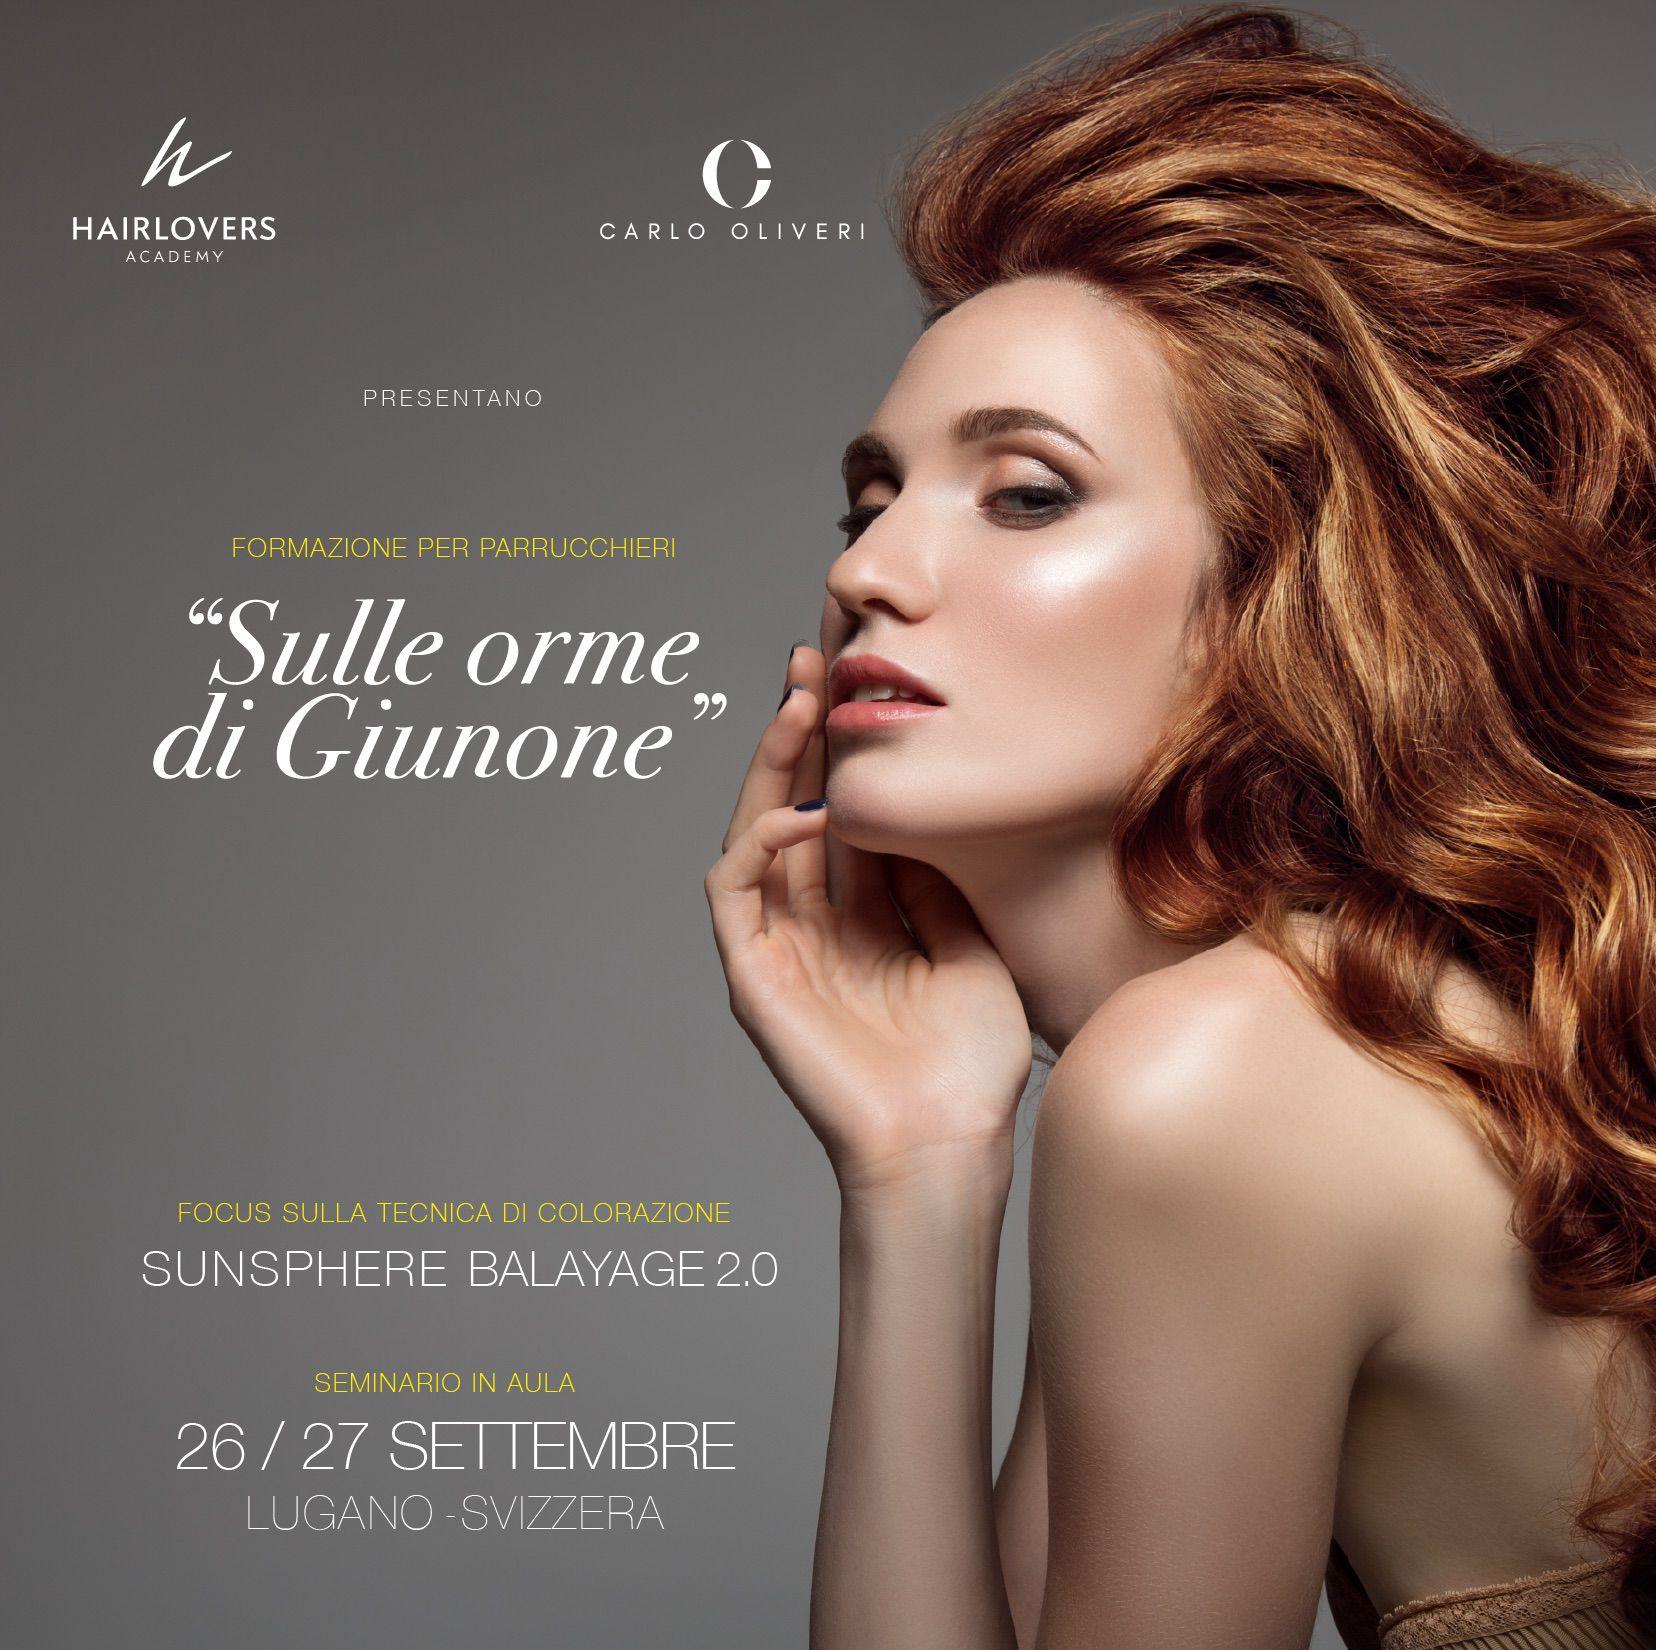 sulle-orme-di-giunone-formazione-hairlovers-academy-carlo-oliveri